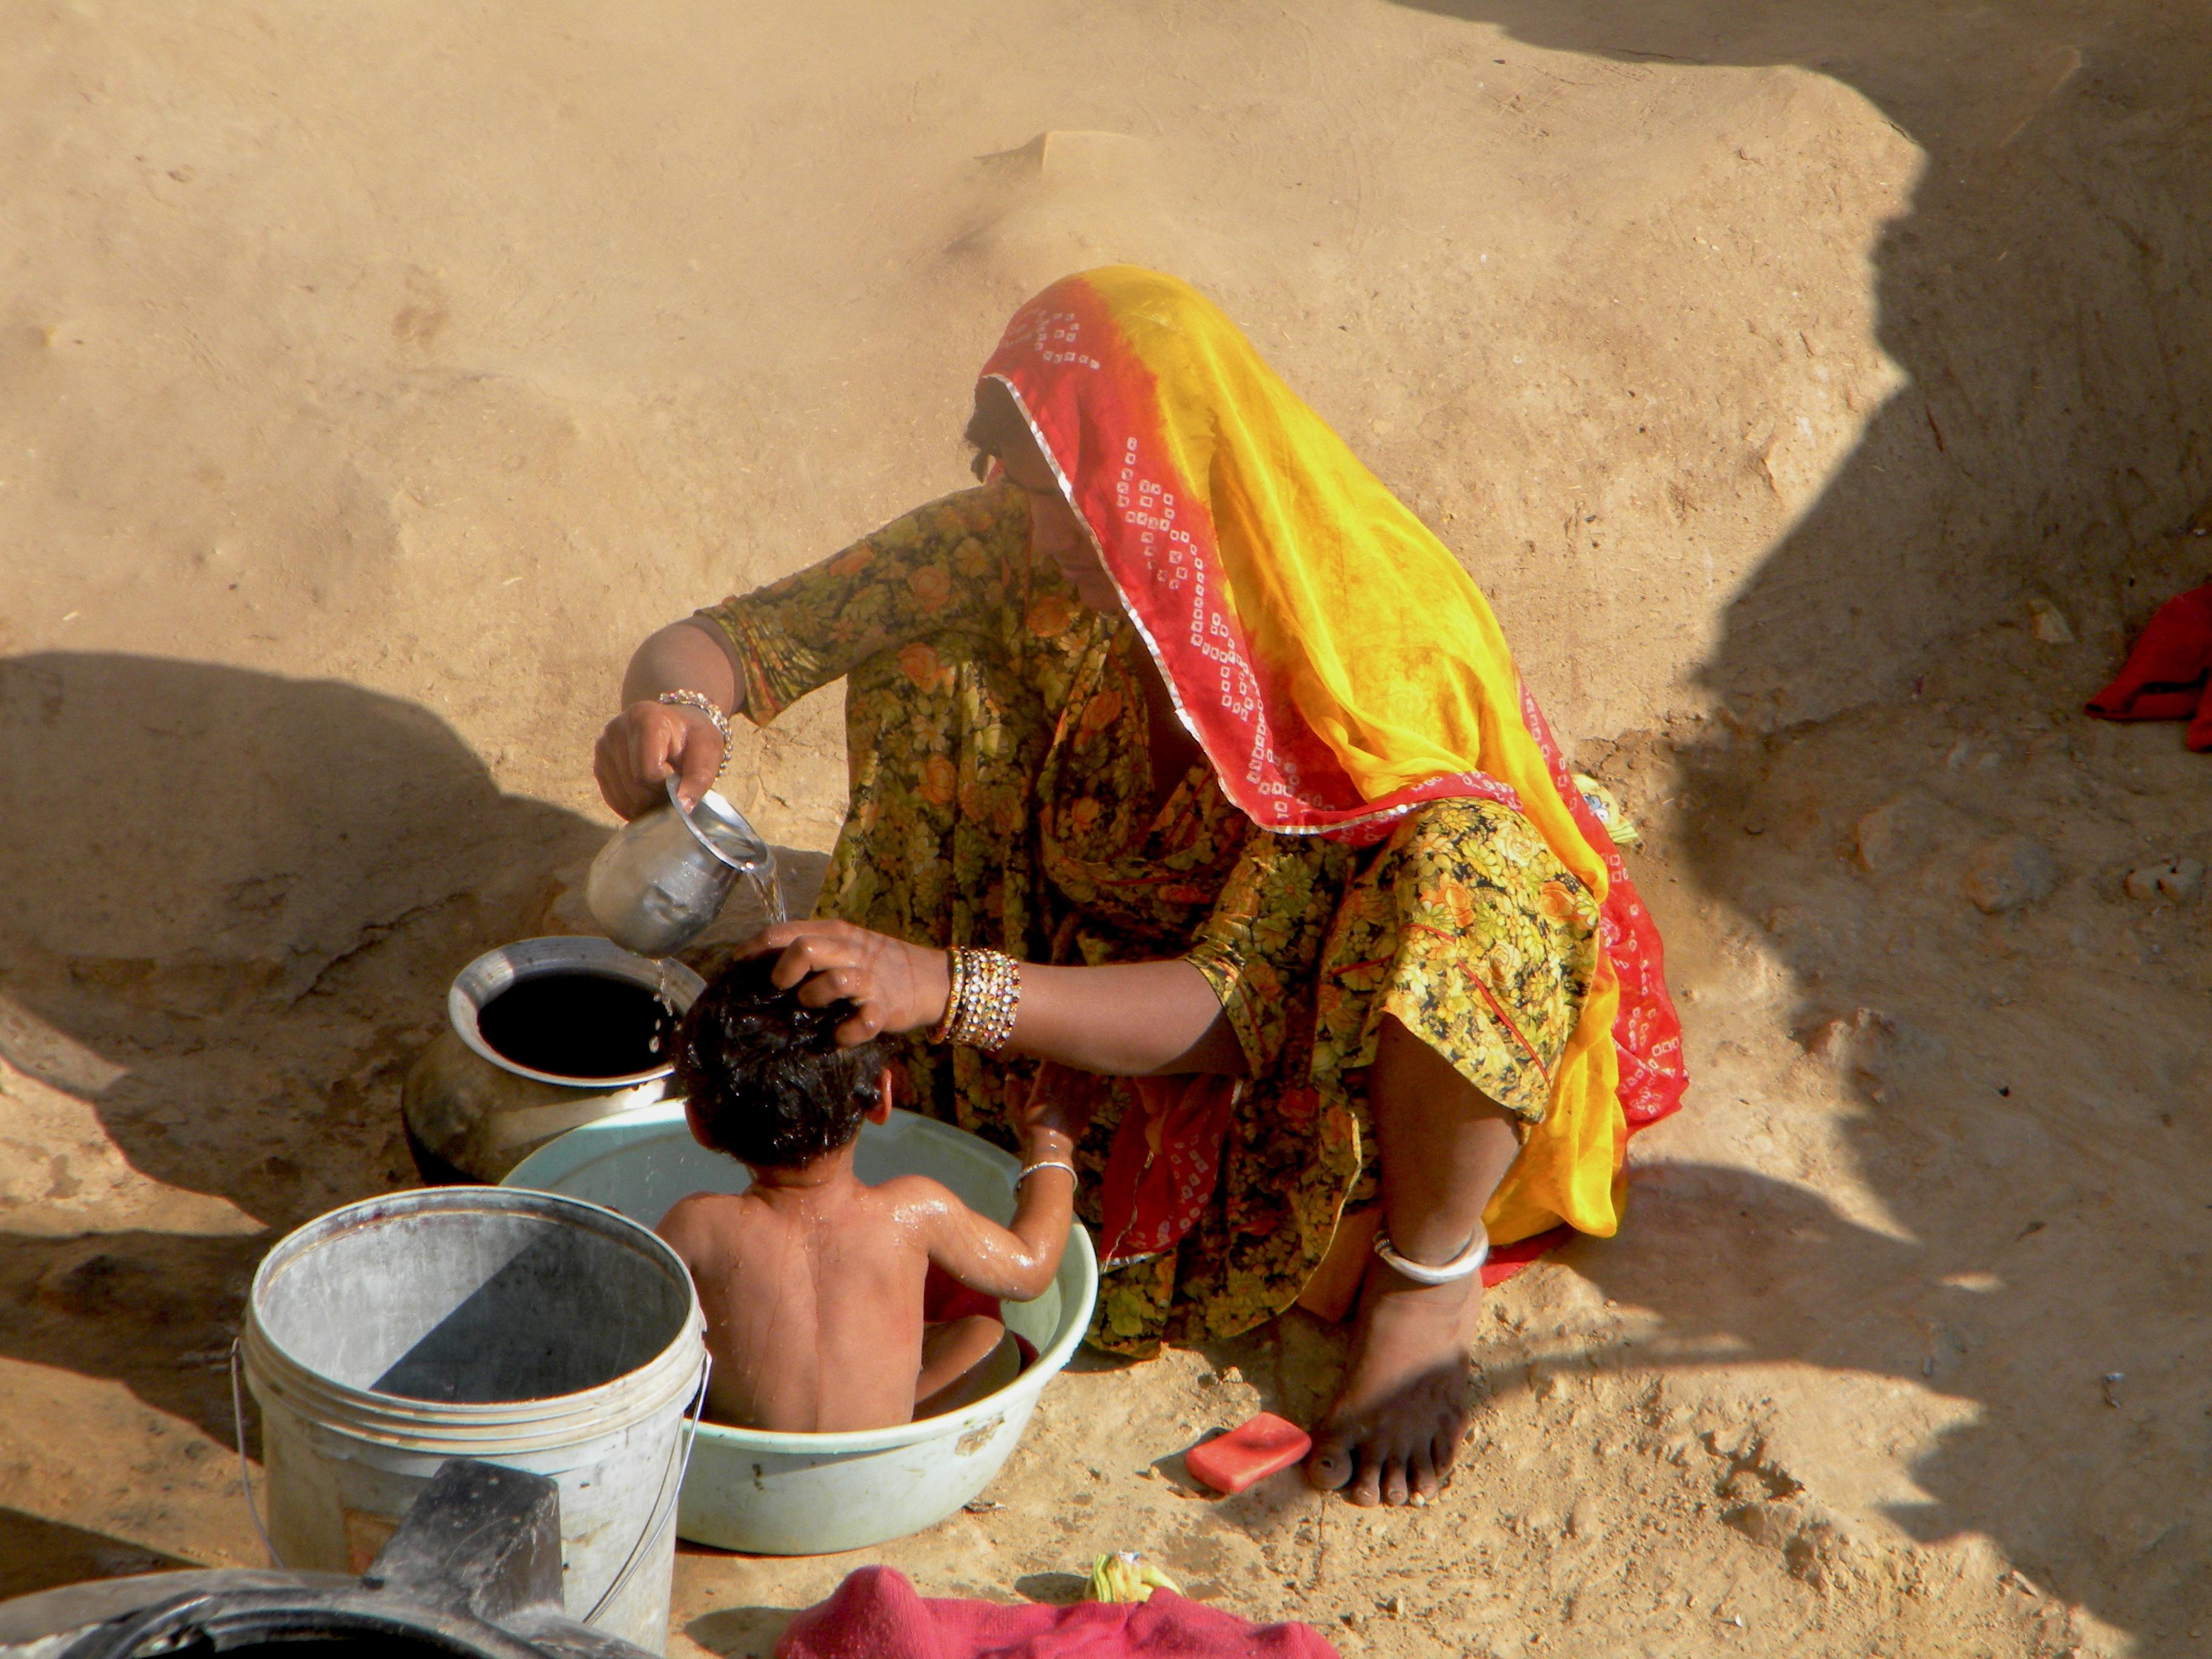 The Bath, India 2010